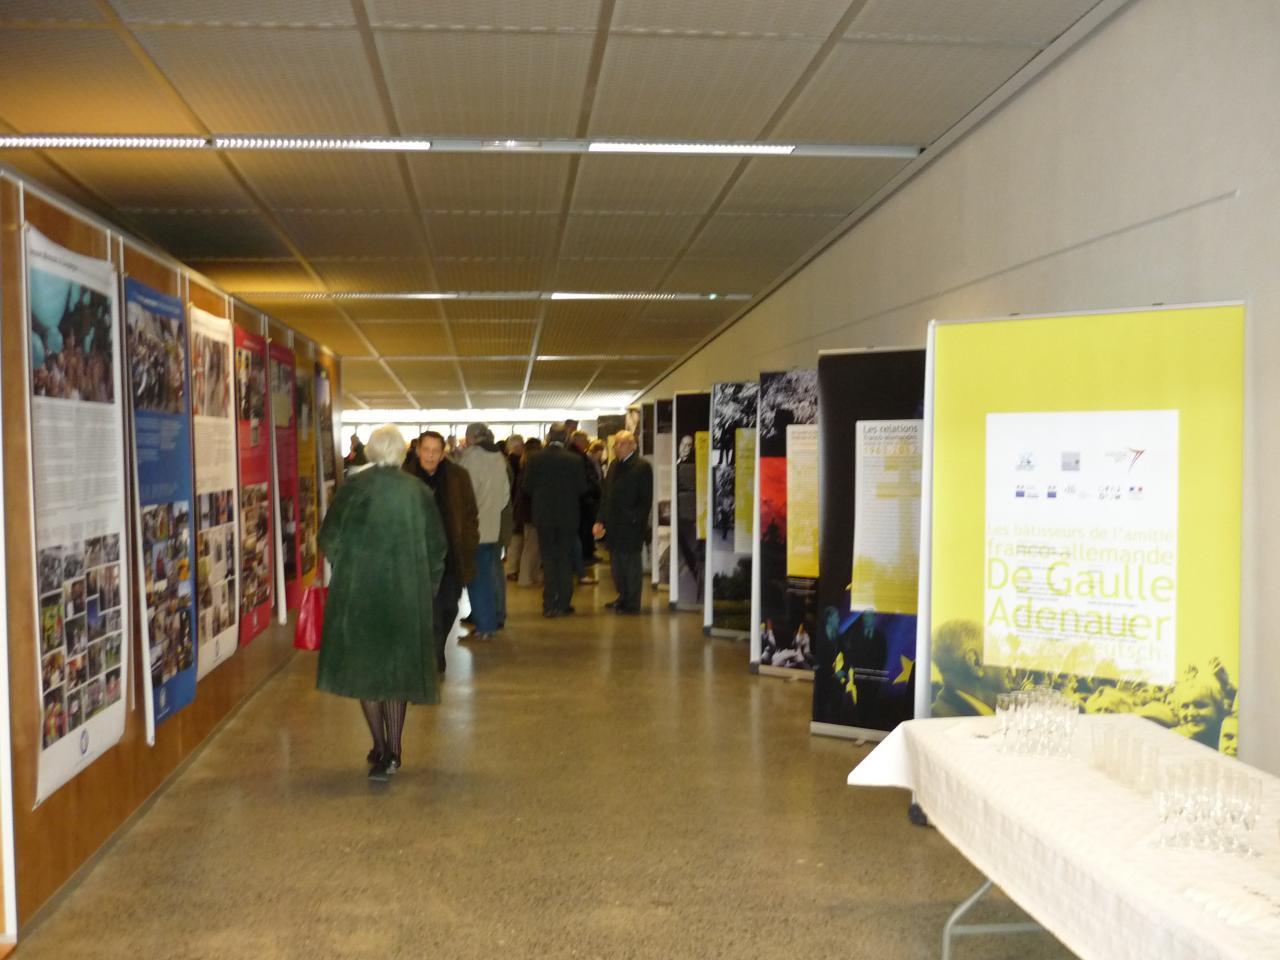 Exposition De Gaulle Adenauer